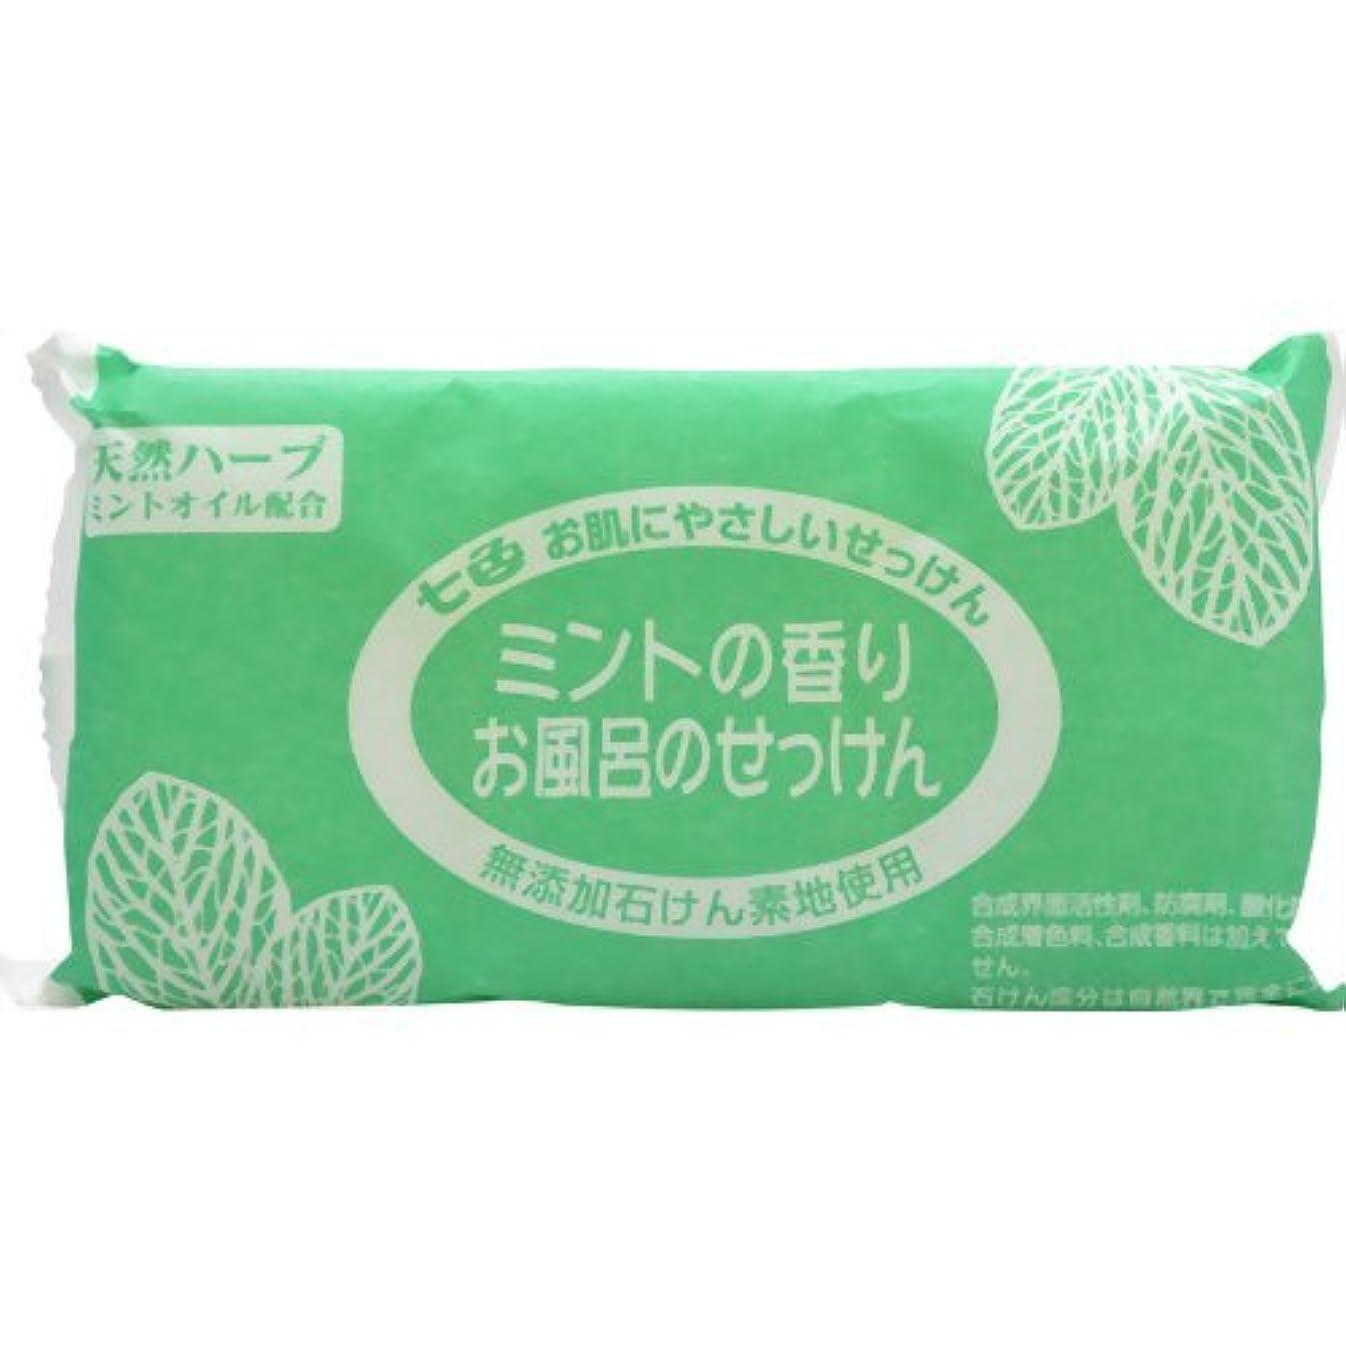 競う瀬戸際失礼な七色 お風呂のせっけん ミントの香り(無添加石鹸) 100g×3個入